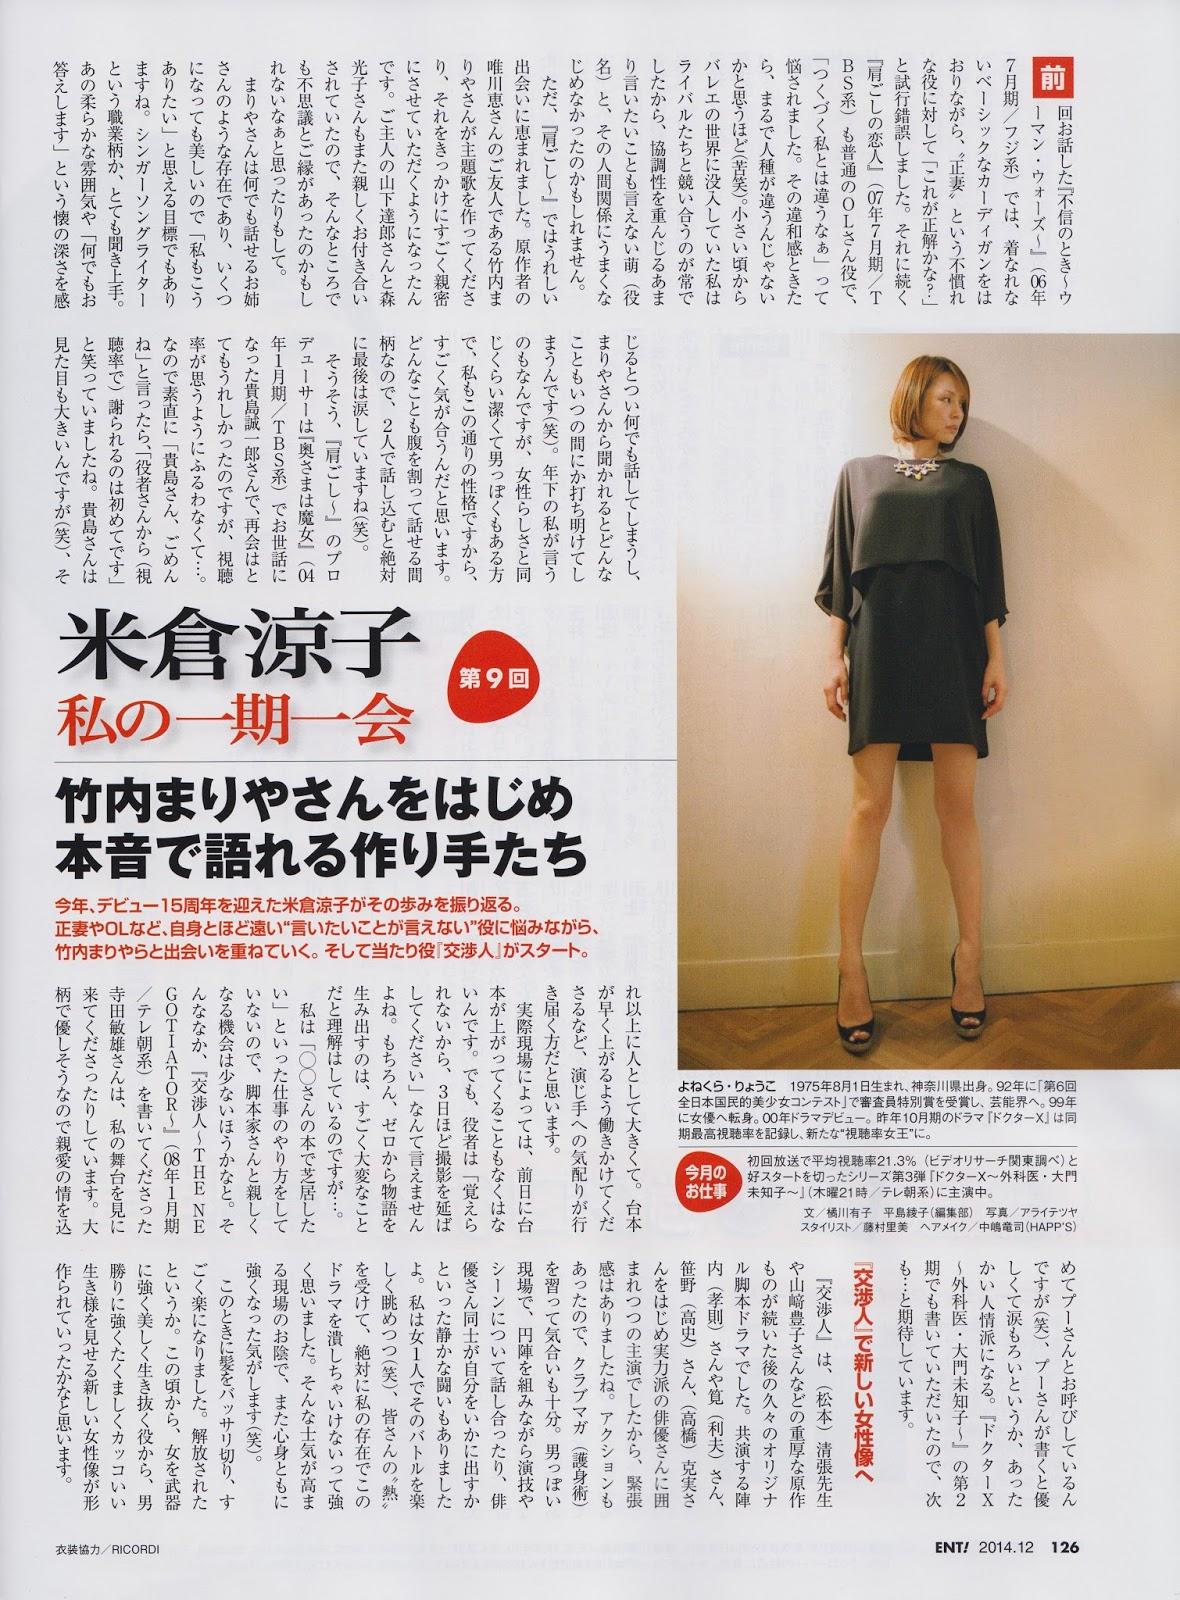 米粉迷語: 日經娛樂月刊 2014年12月號 米倉涼子 我的一期一會 第9回